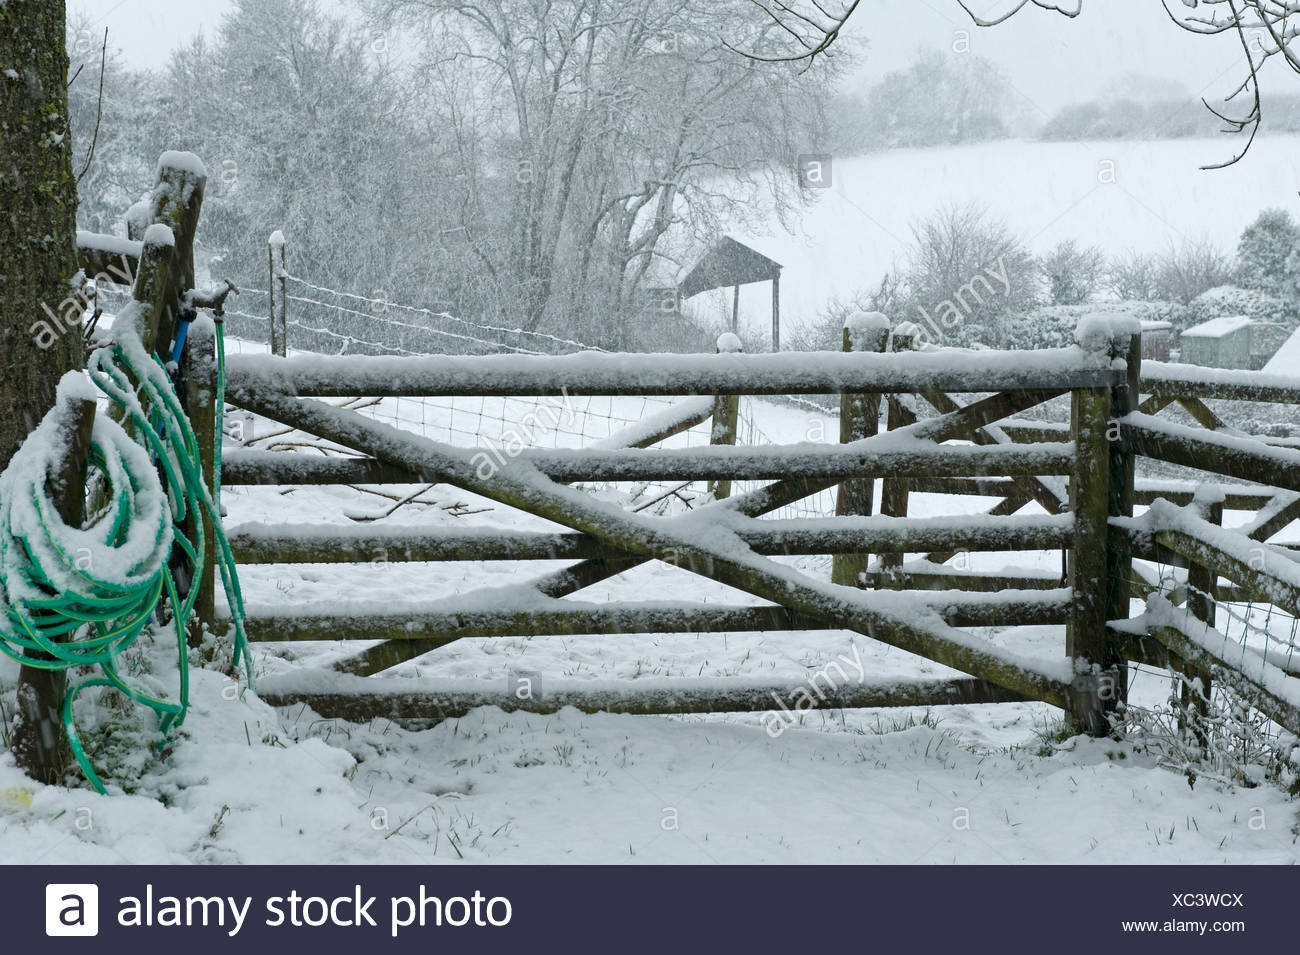 Puerta de campo y una manguera para el suministro de agua para el ganado en una tormenta de nieve fuerte, Devon, Imagen De Stock